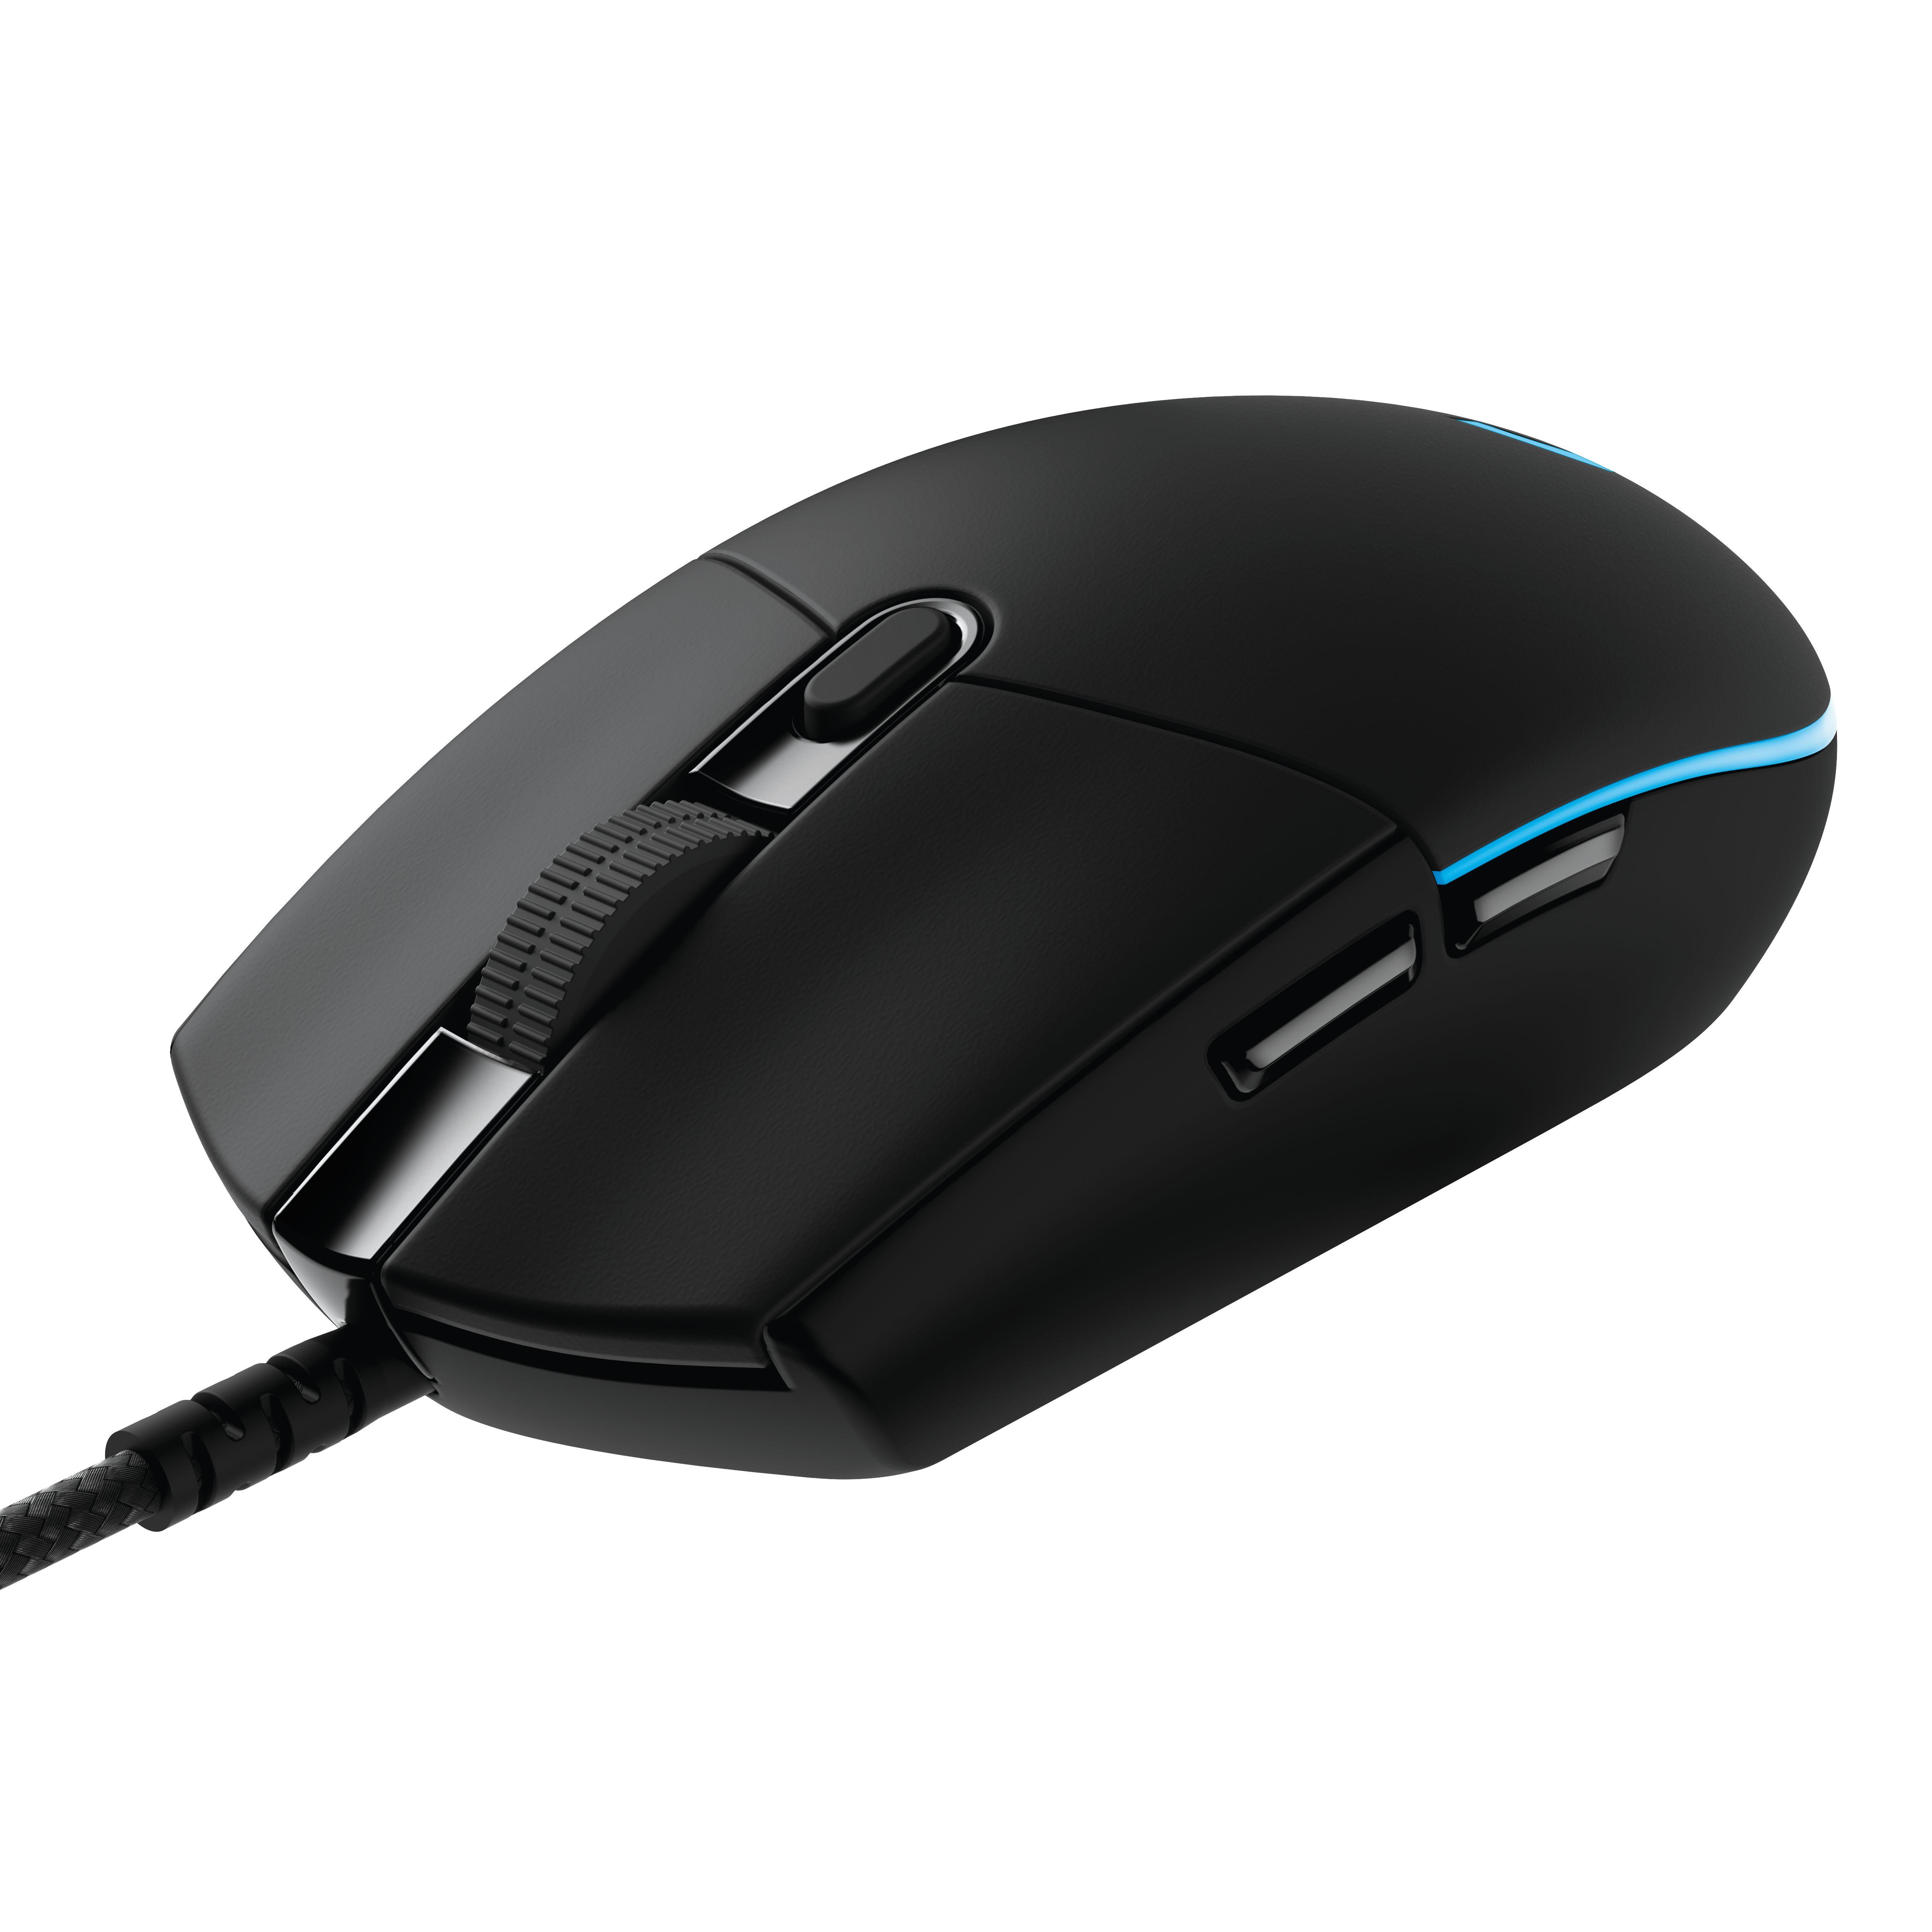 JPG 300 dpi (RGB)-Pro Black BTY1